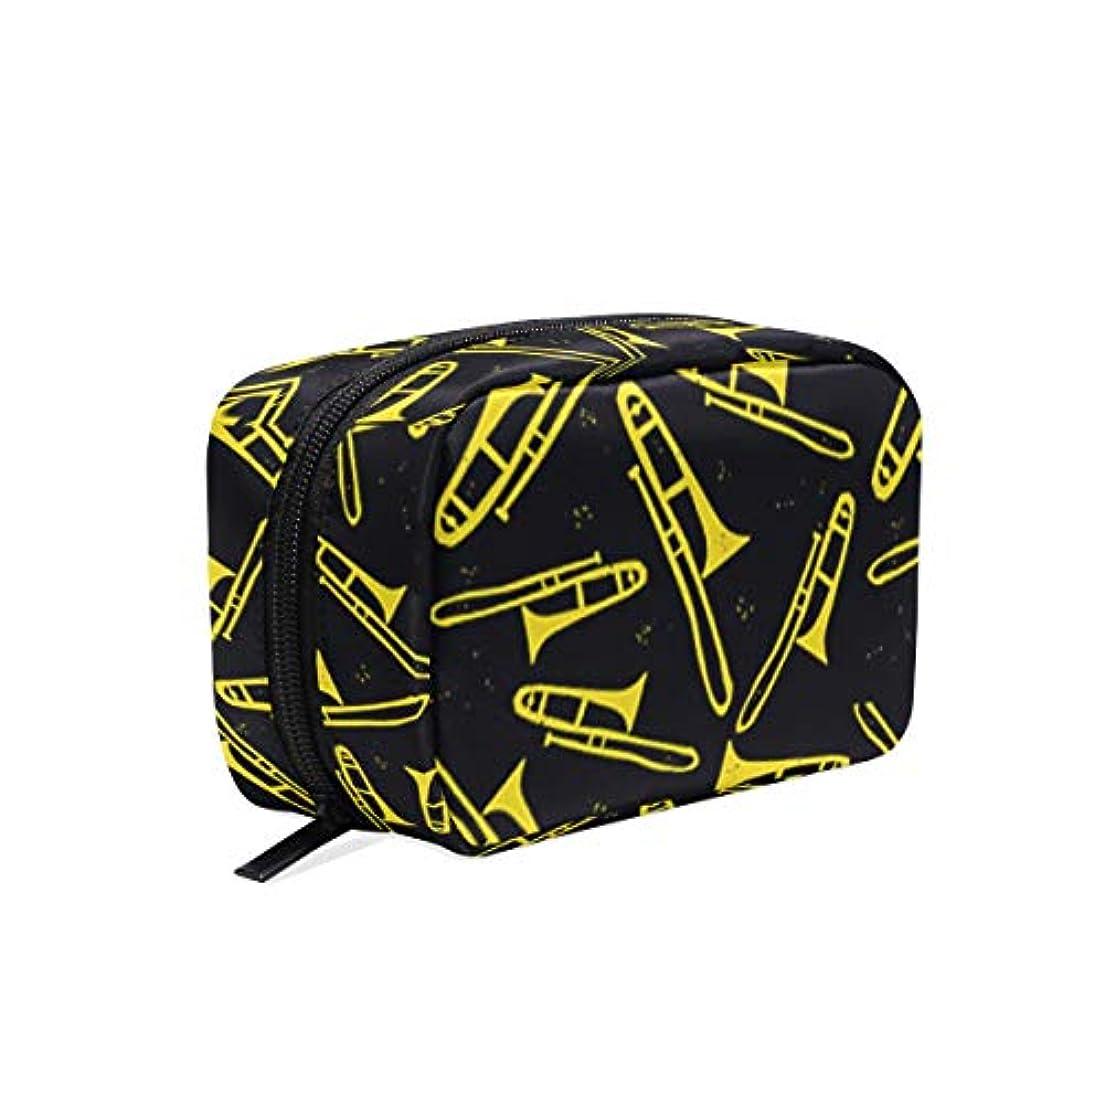 グラフィック終了する帝国トロンボーン 柄 化粧ポーチ メイクポーチ 機能的 大容量 化粧品収納 小物入れ 普段使い 出張 旅行 メイク ブラシ バッグ 化粧バッグ